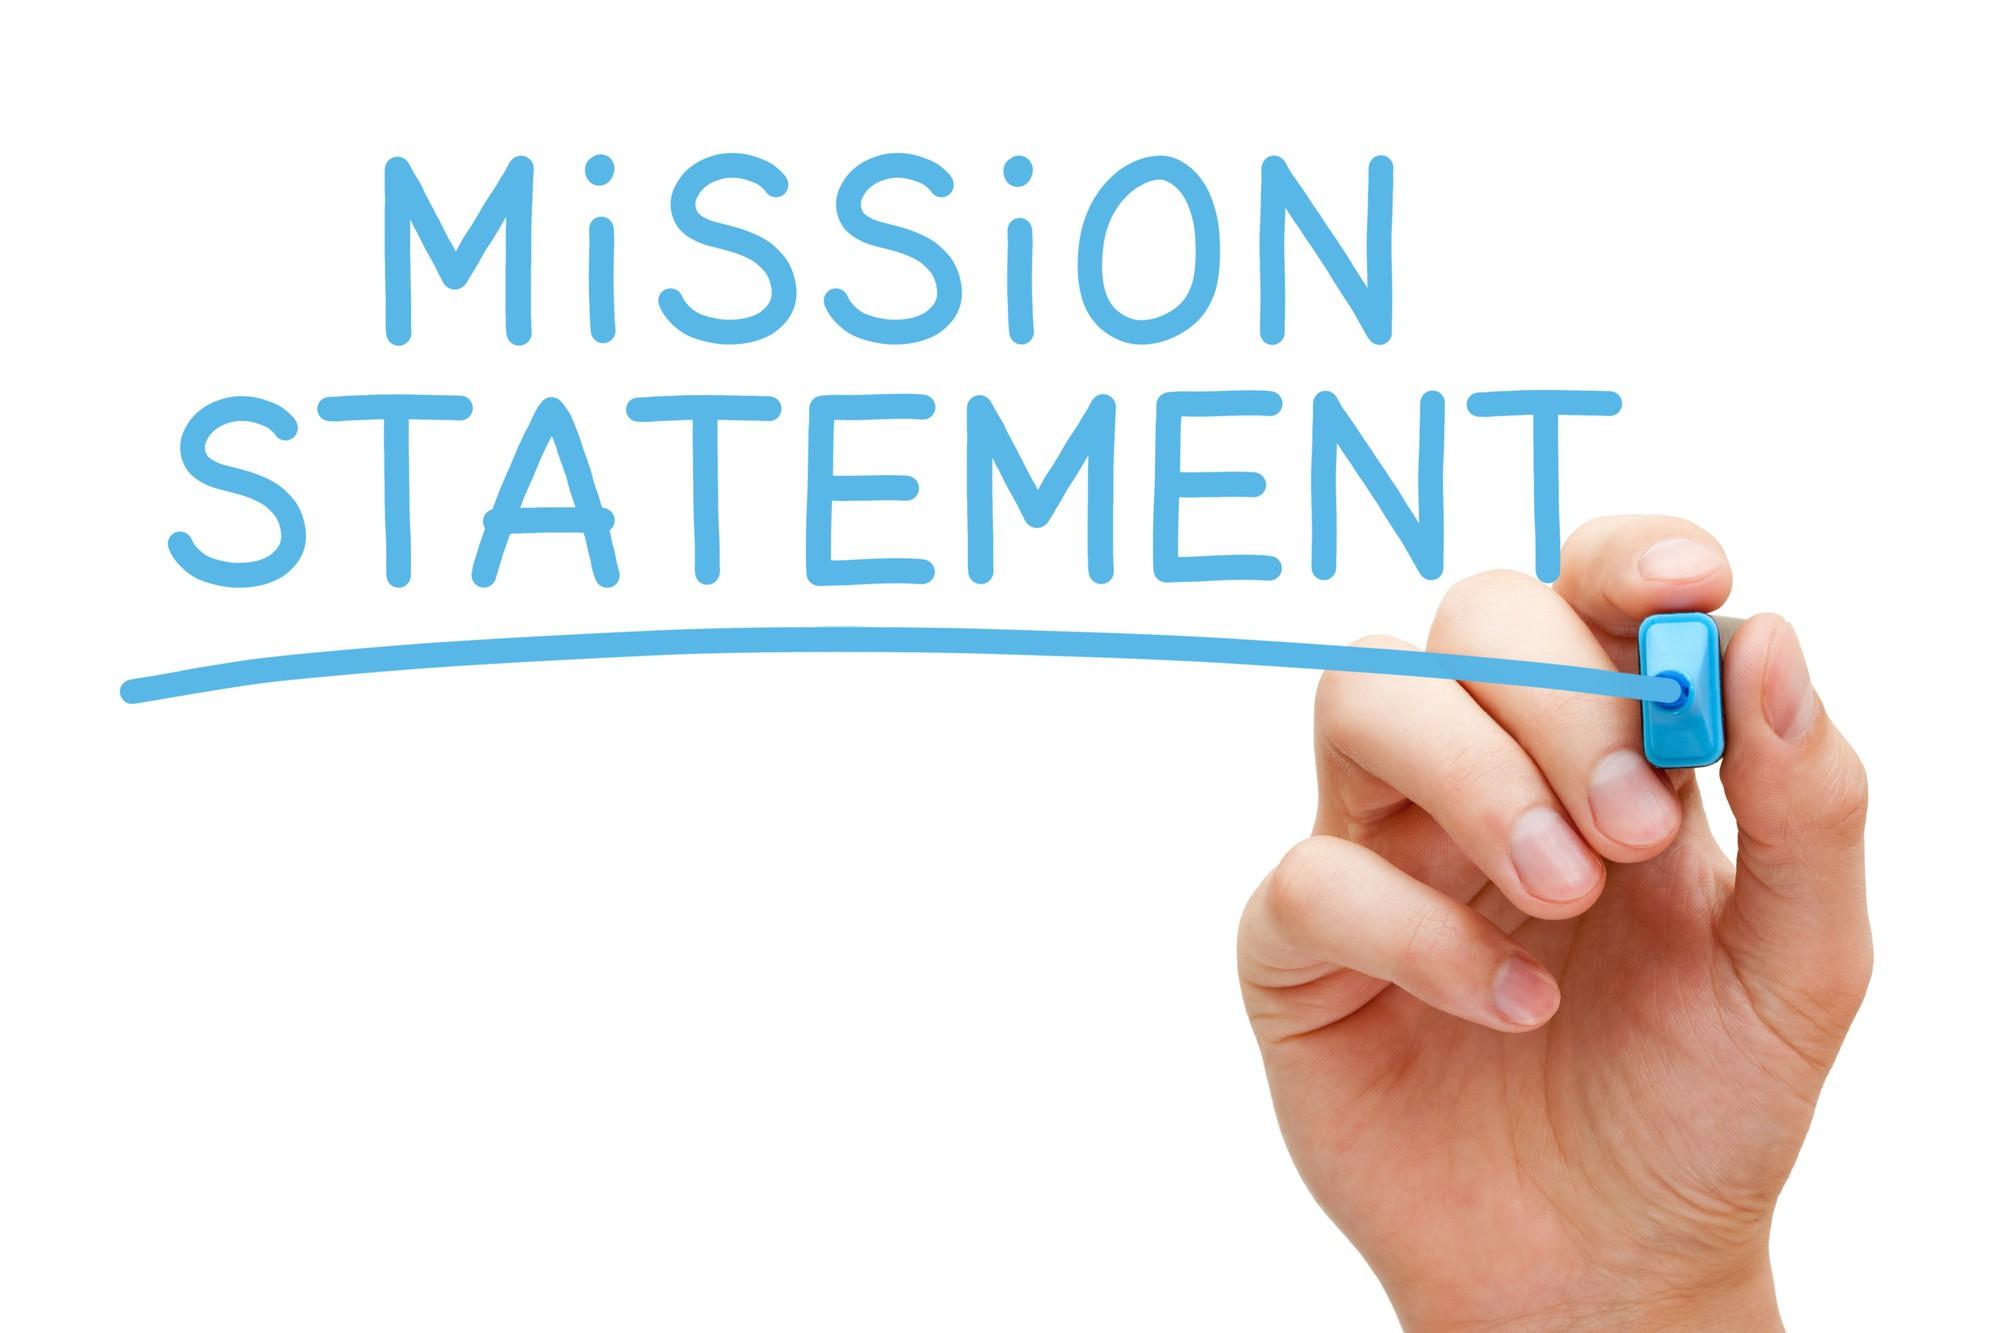 mission statement là gì